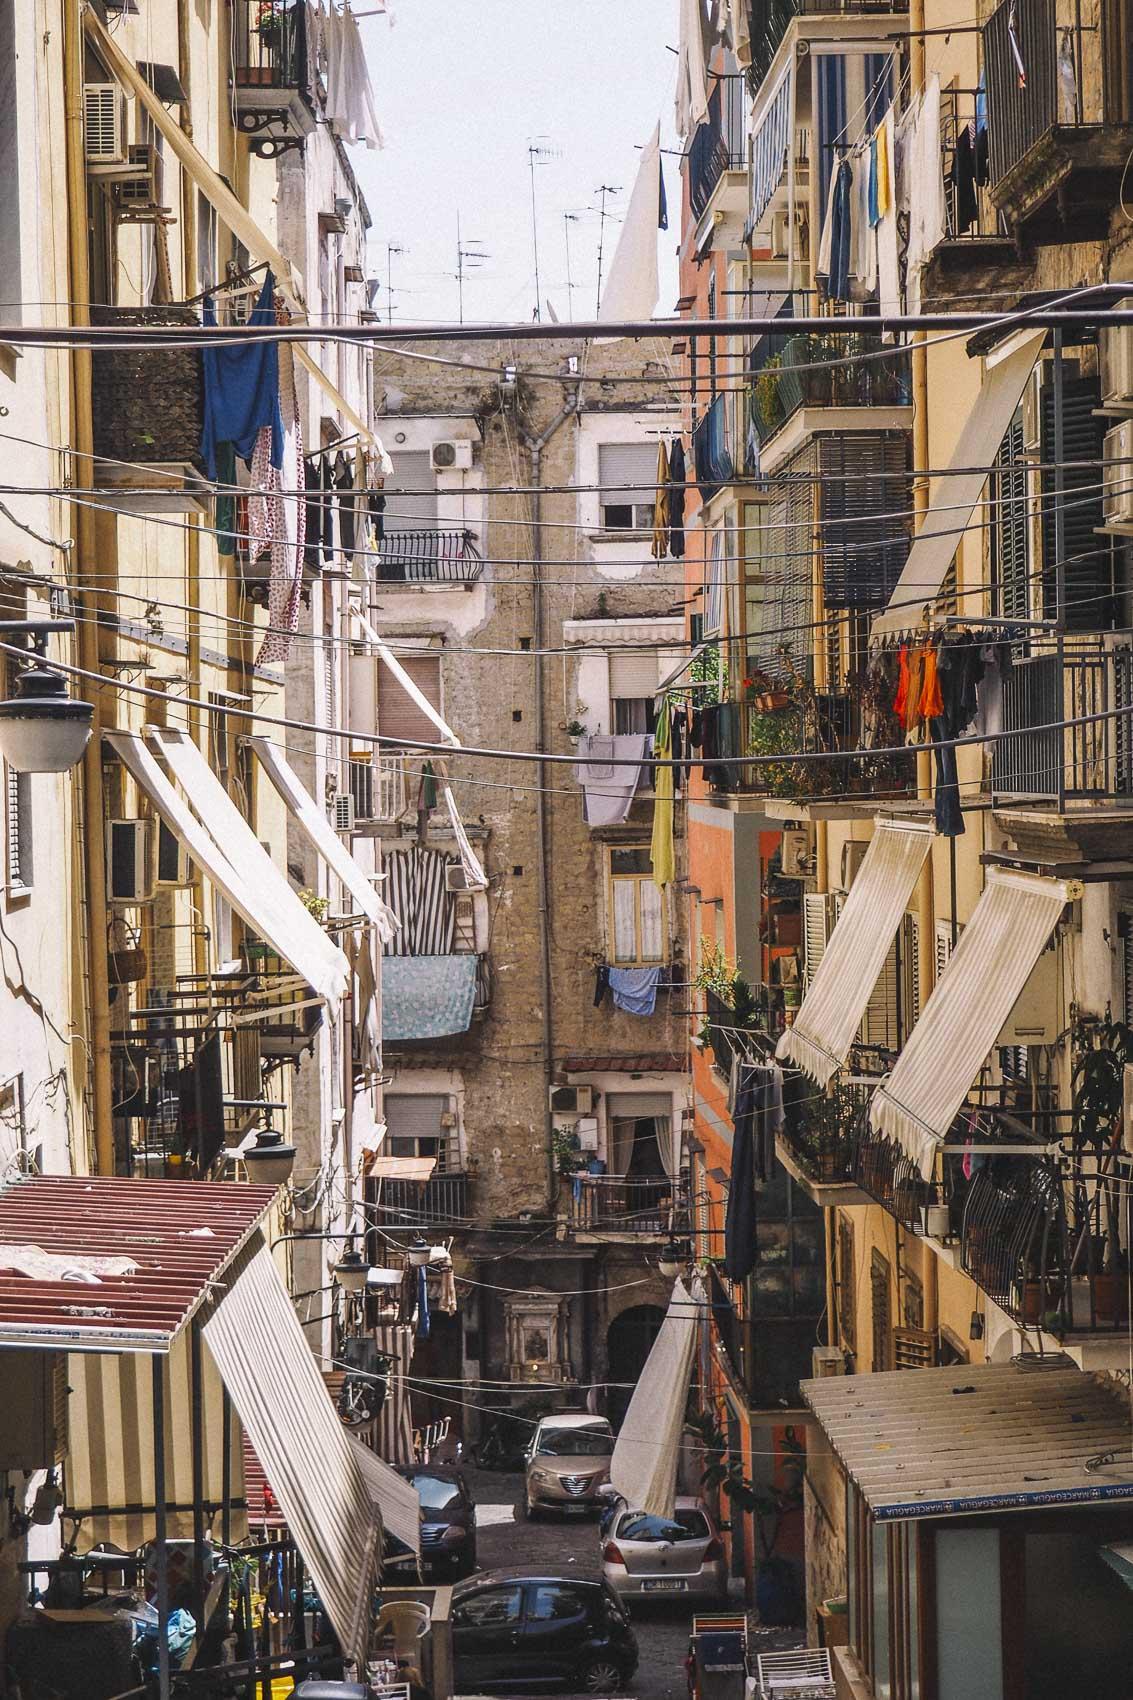 El quartiere spagnoli en Nápoles